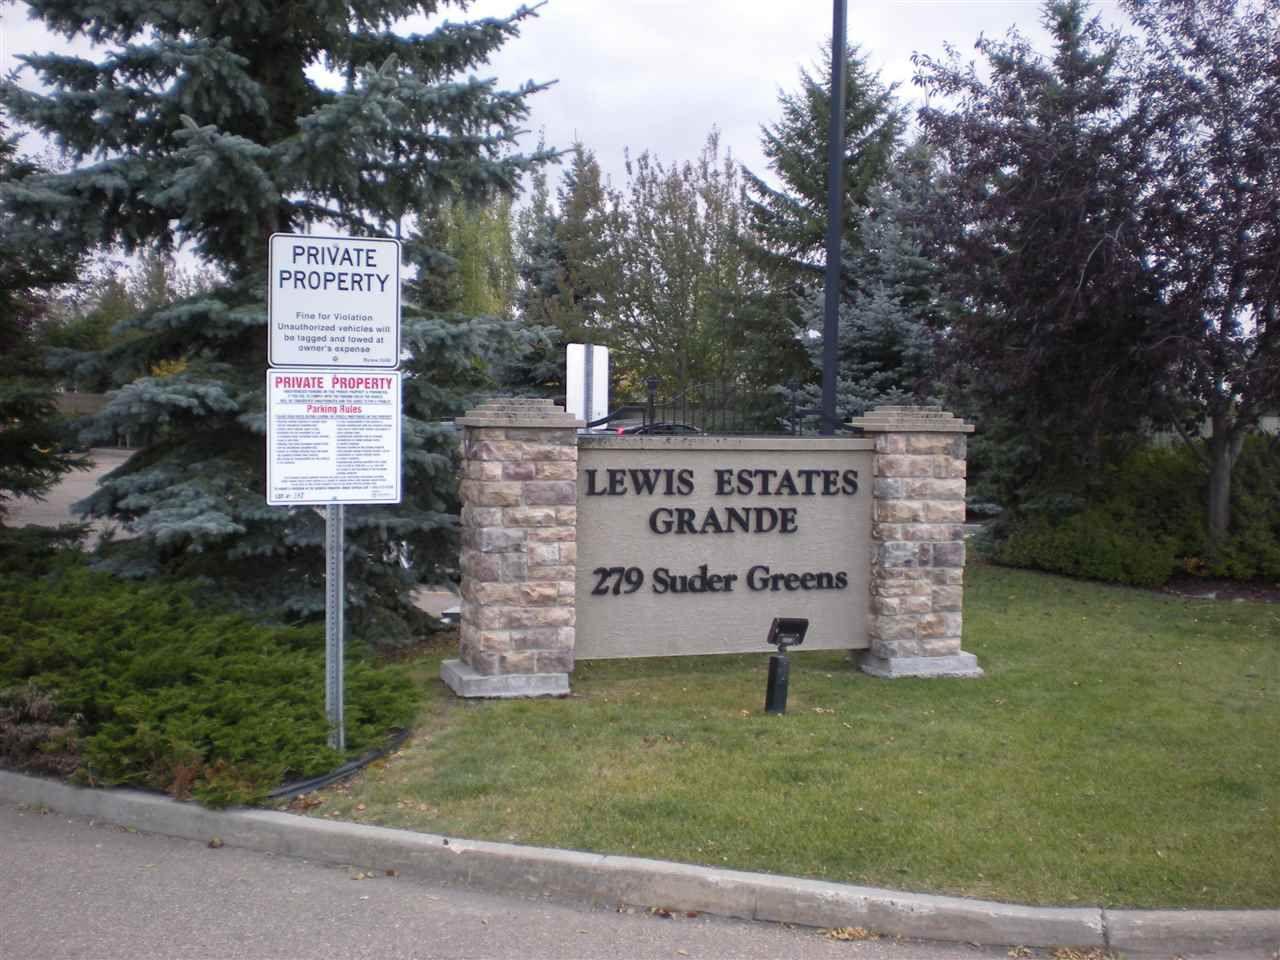 Grande Lewis Estates